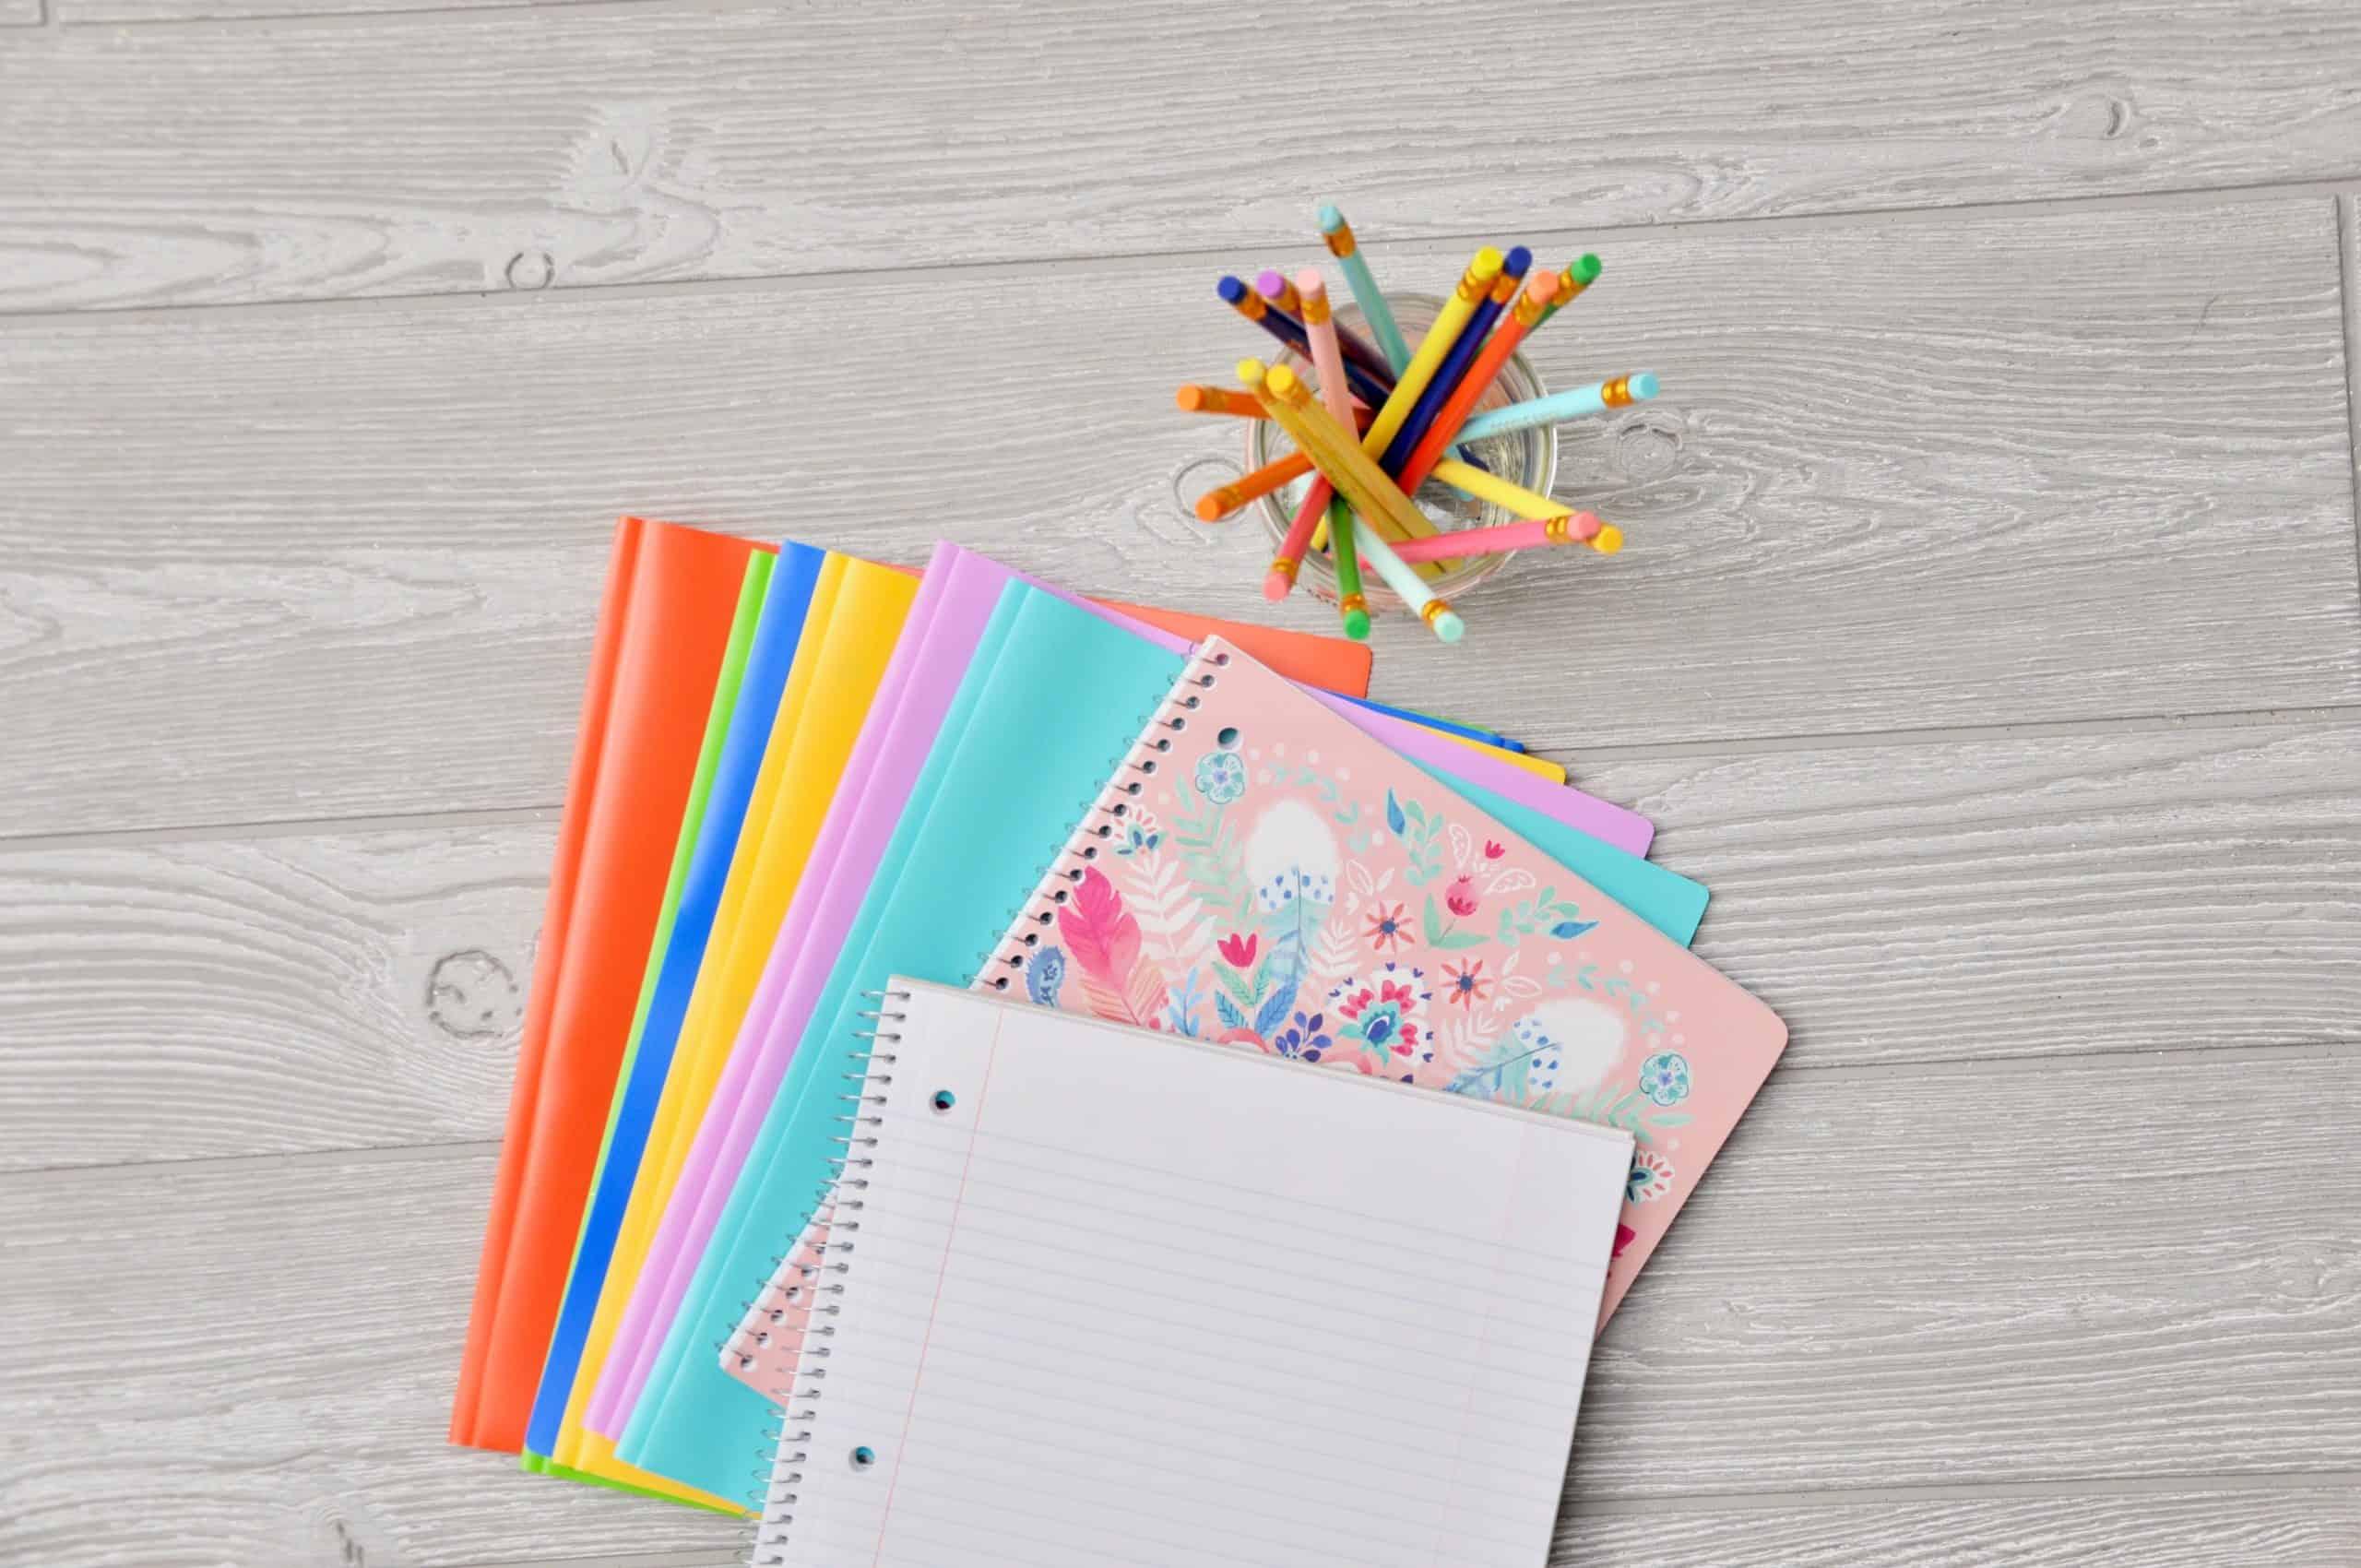 Saint-Roch-des-Aulnaies : Les cahiers d'exercices des élèves tous payés par un don anonyme